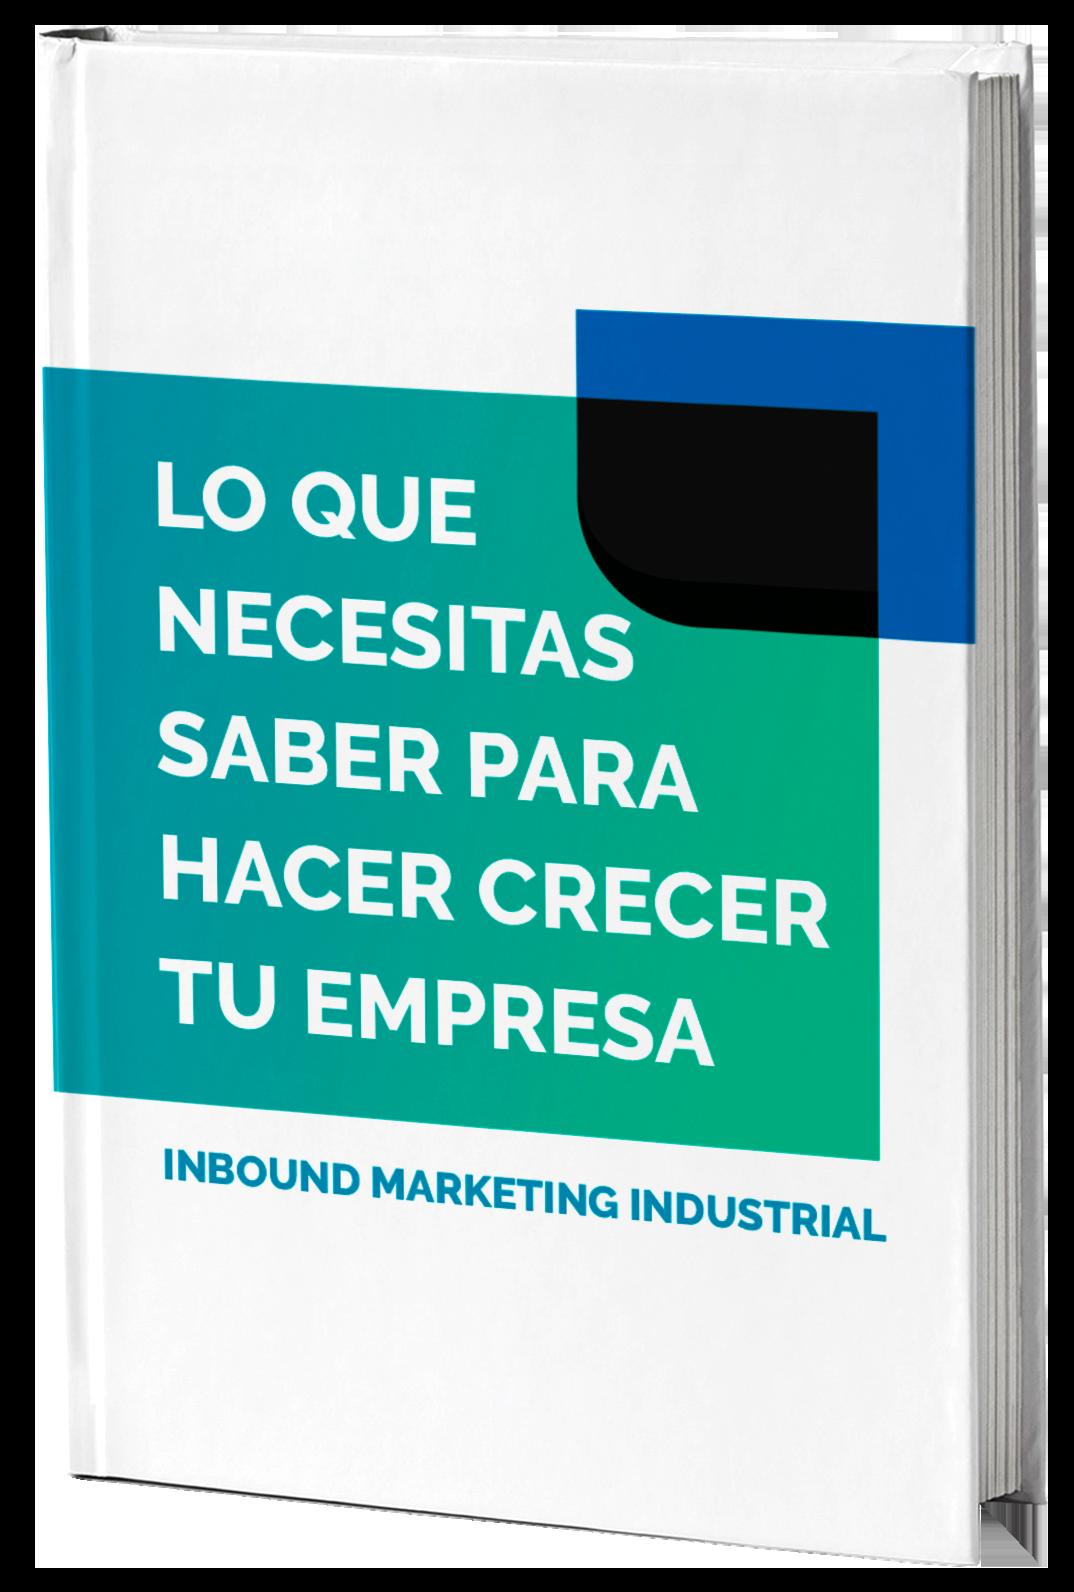 Mockup_e-book 1-4